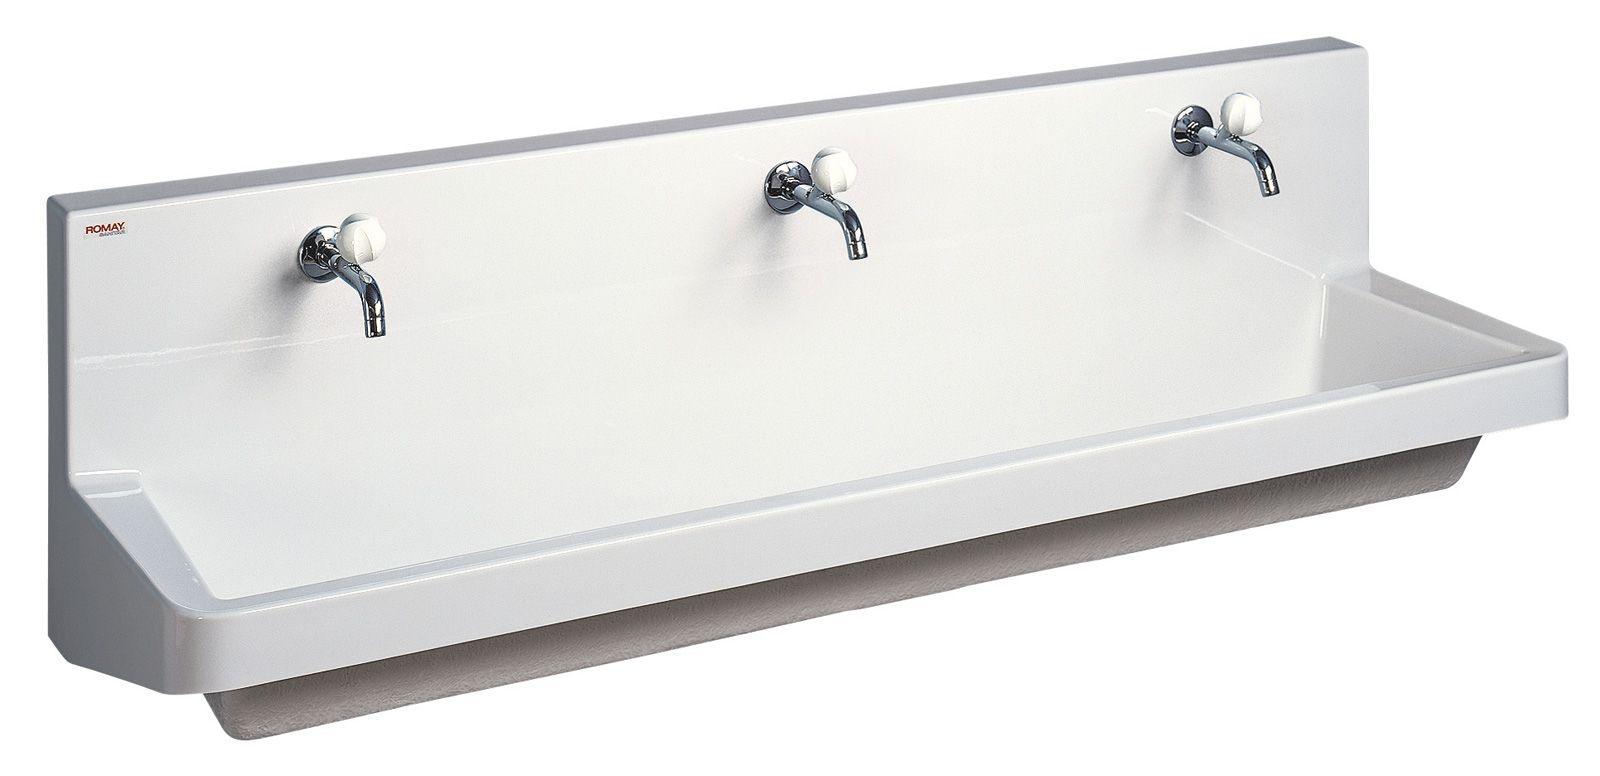 Lavabo collectif lavabo rigole jardin d 39 enfants romay for Lavabo salle de bain petit espace